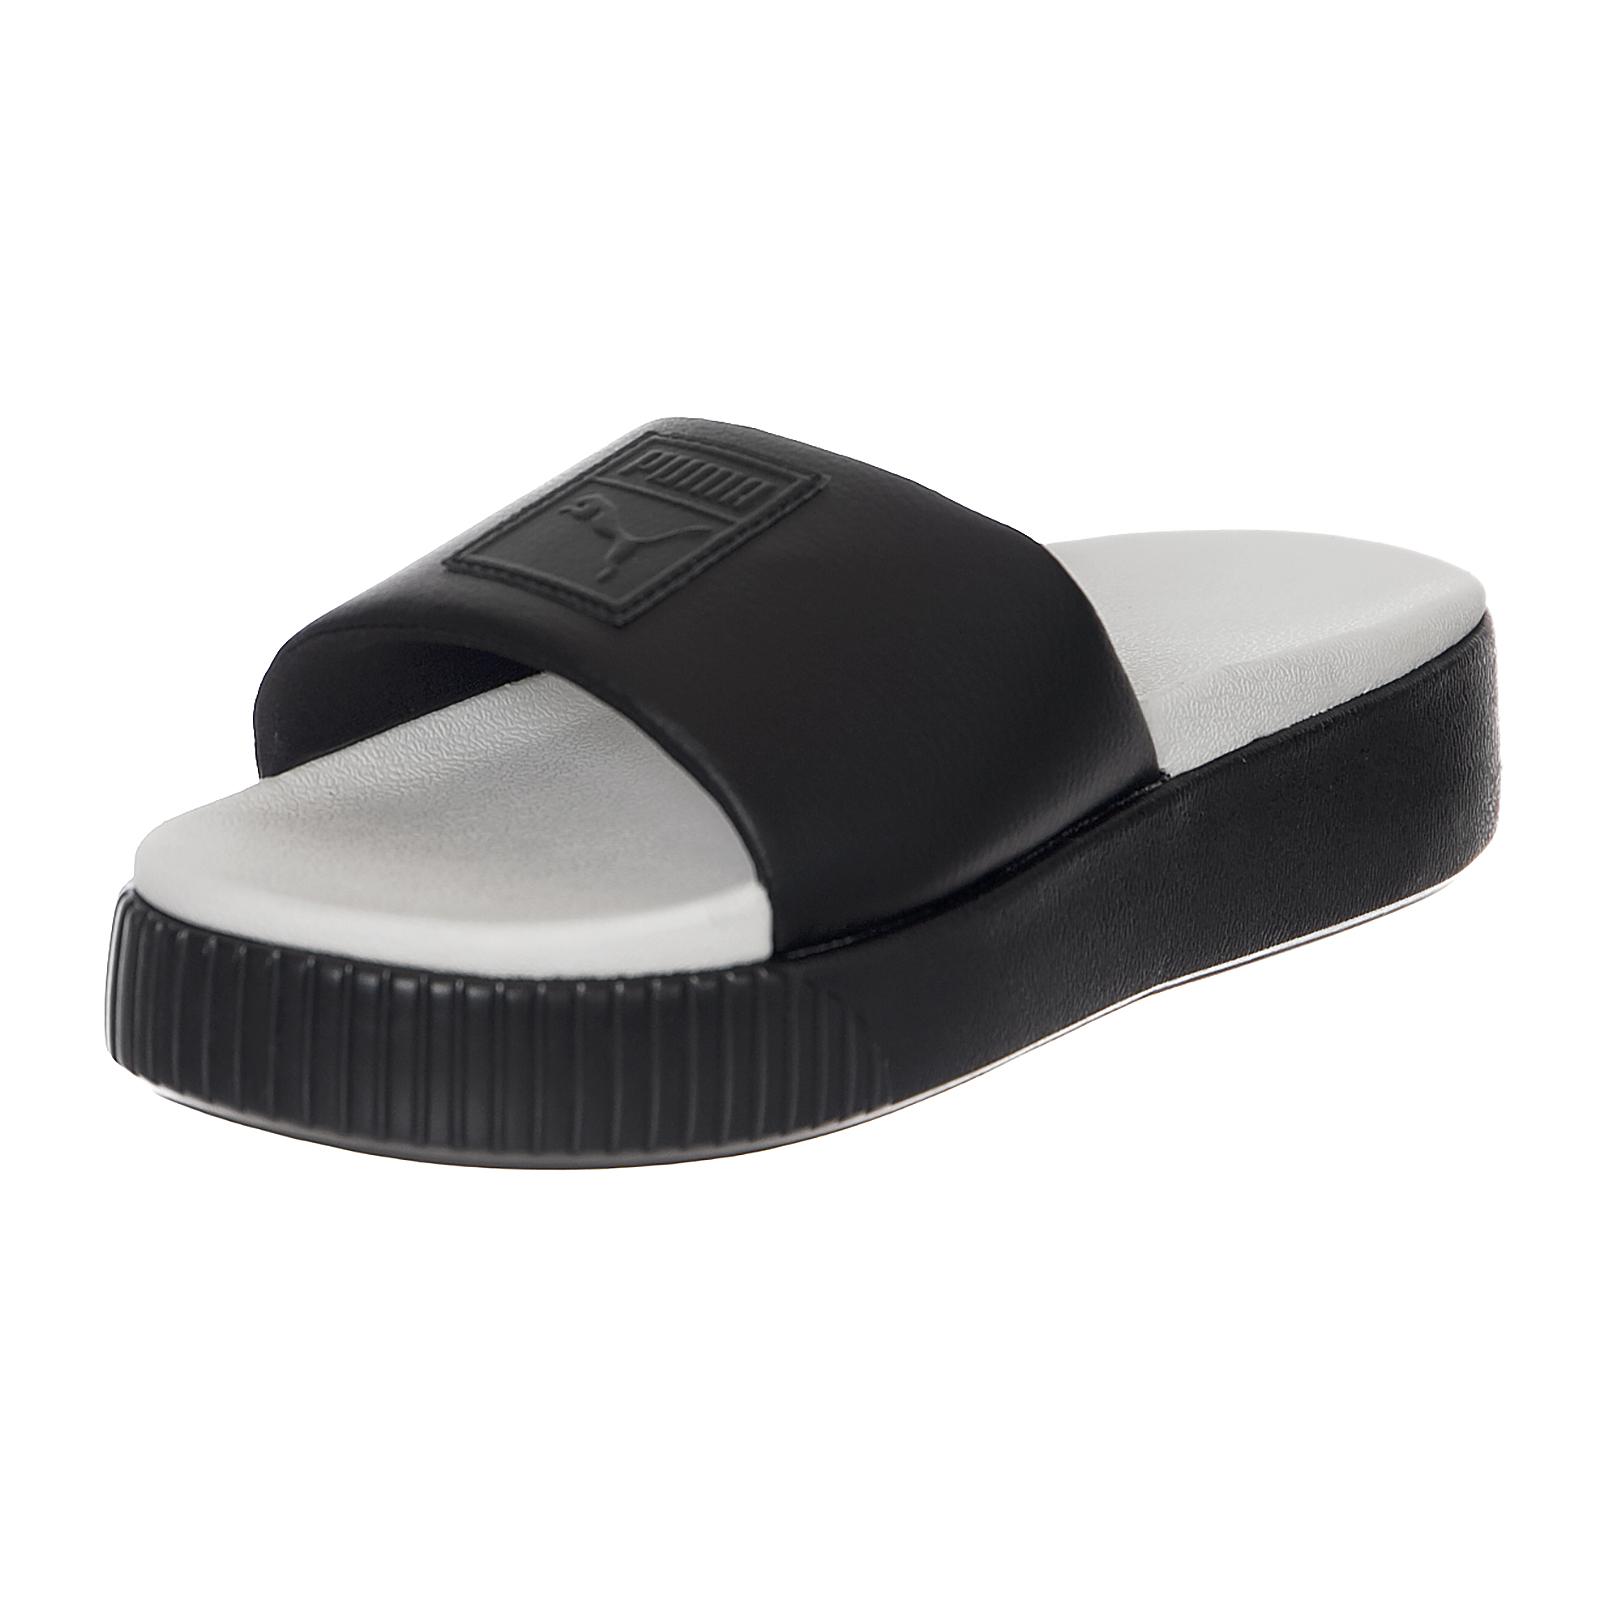 2e22e626d1 Puma Sandals Platform Slide Wns puma Black-Whisper White Black | eBay